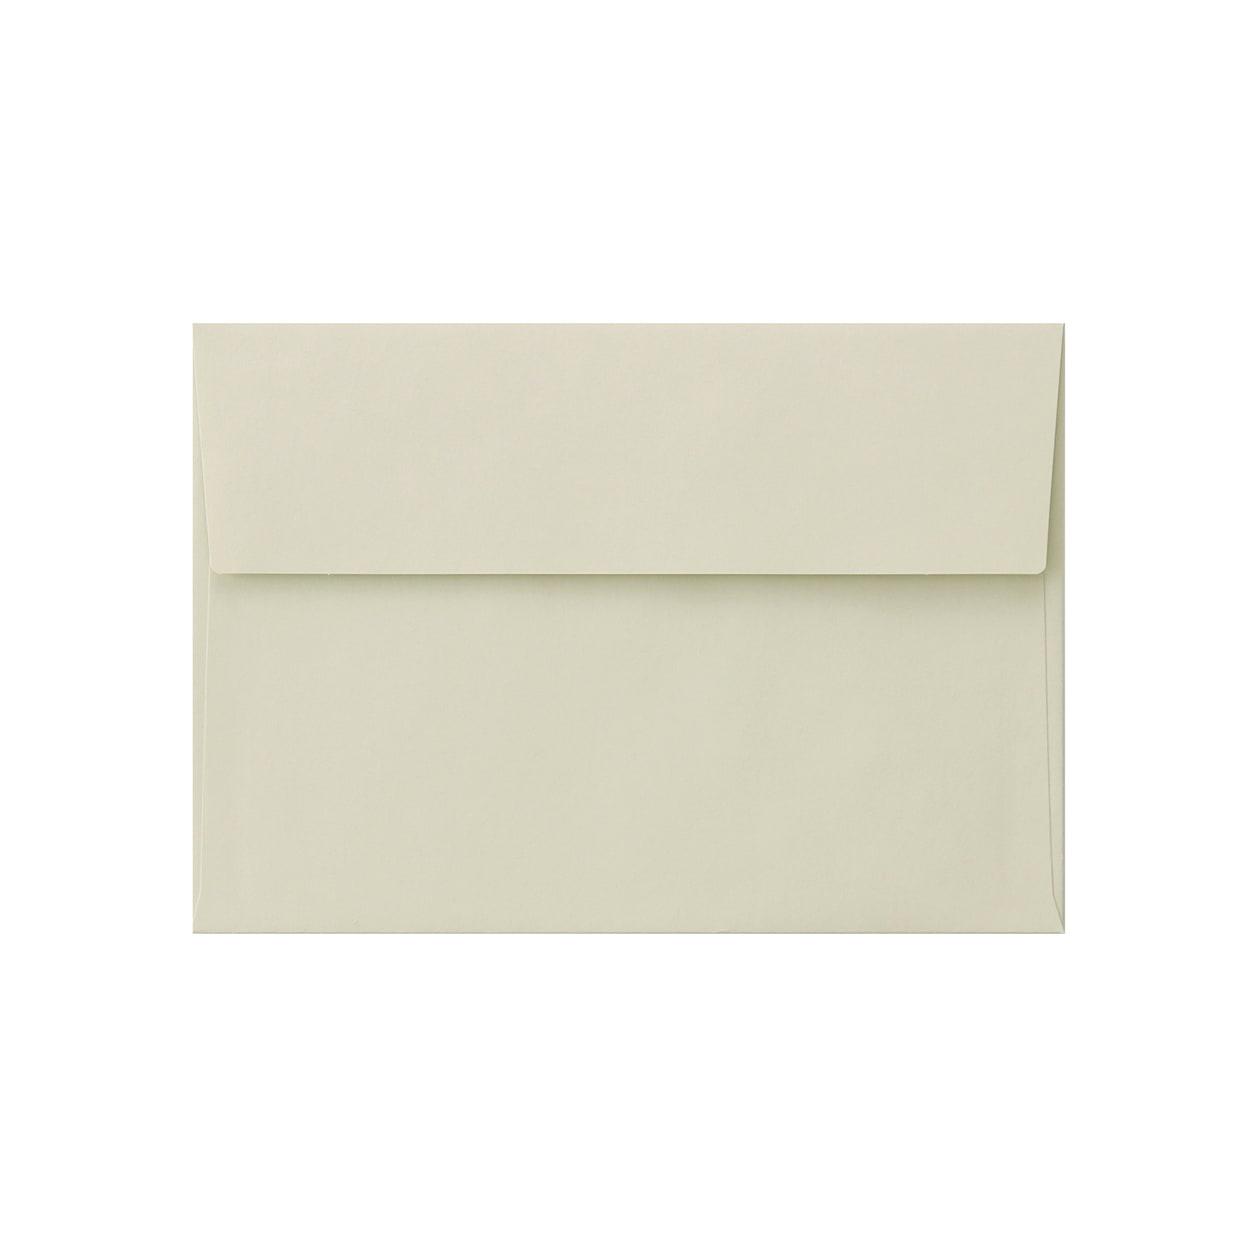 洋2カマス封筒 エコフレンドリーカラー ミストグレイ 100g